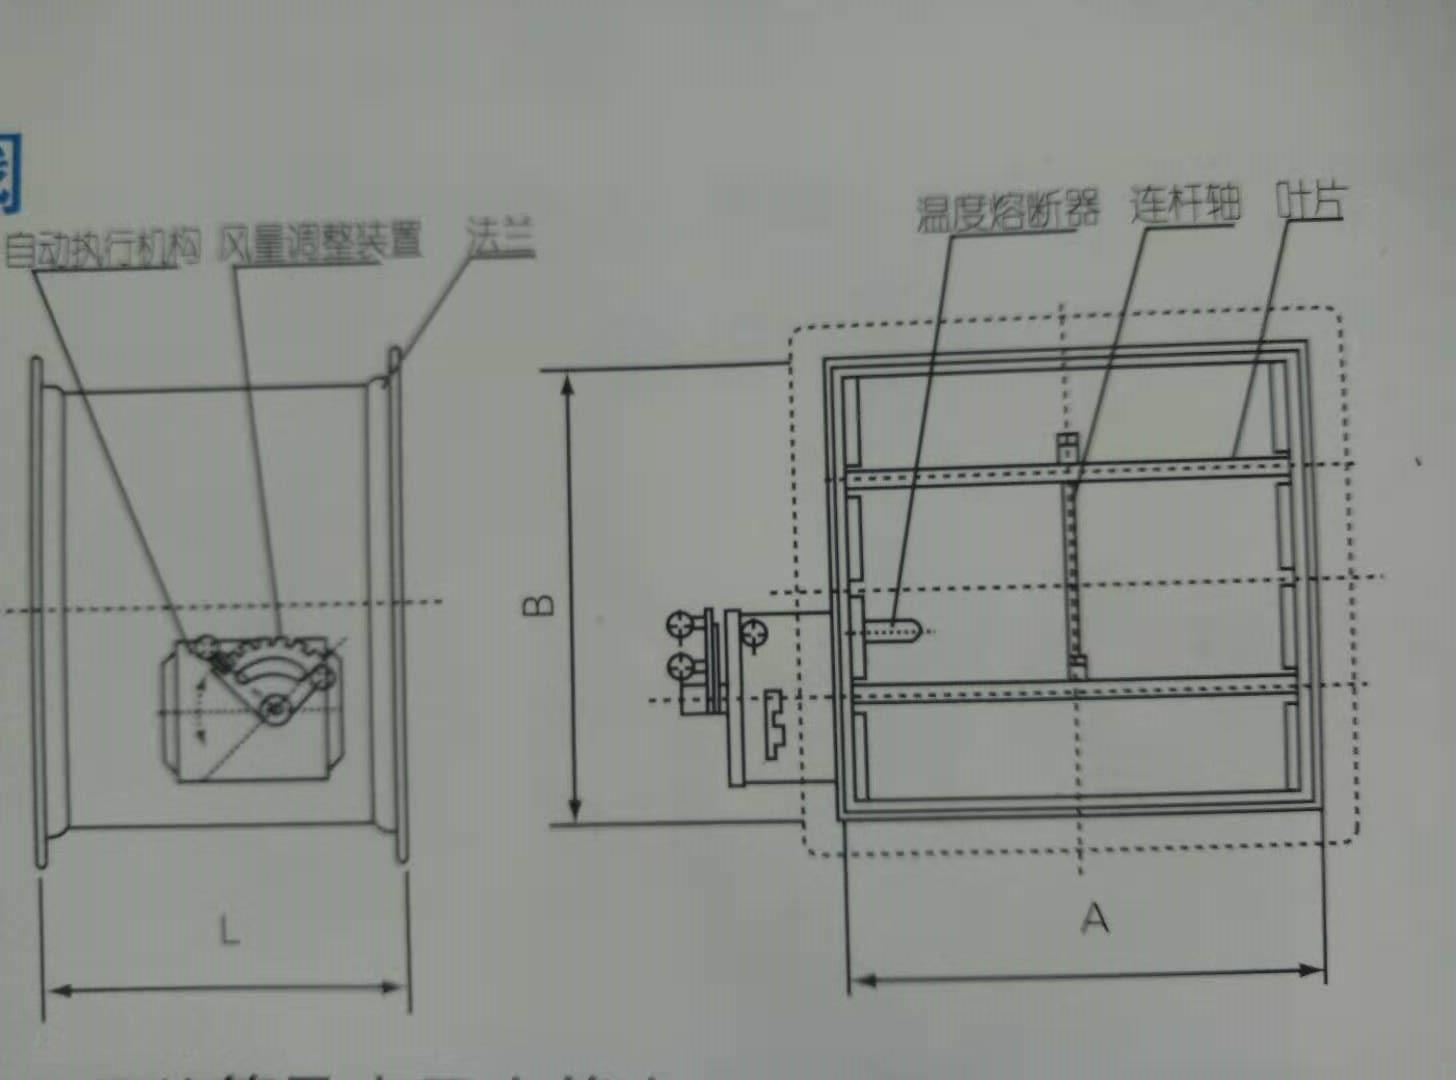 好的自锁型排烟防火调节阀在哪买 ,报价合理的通风空调配件系列